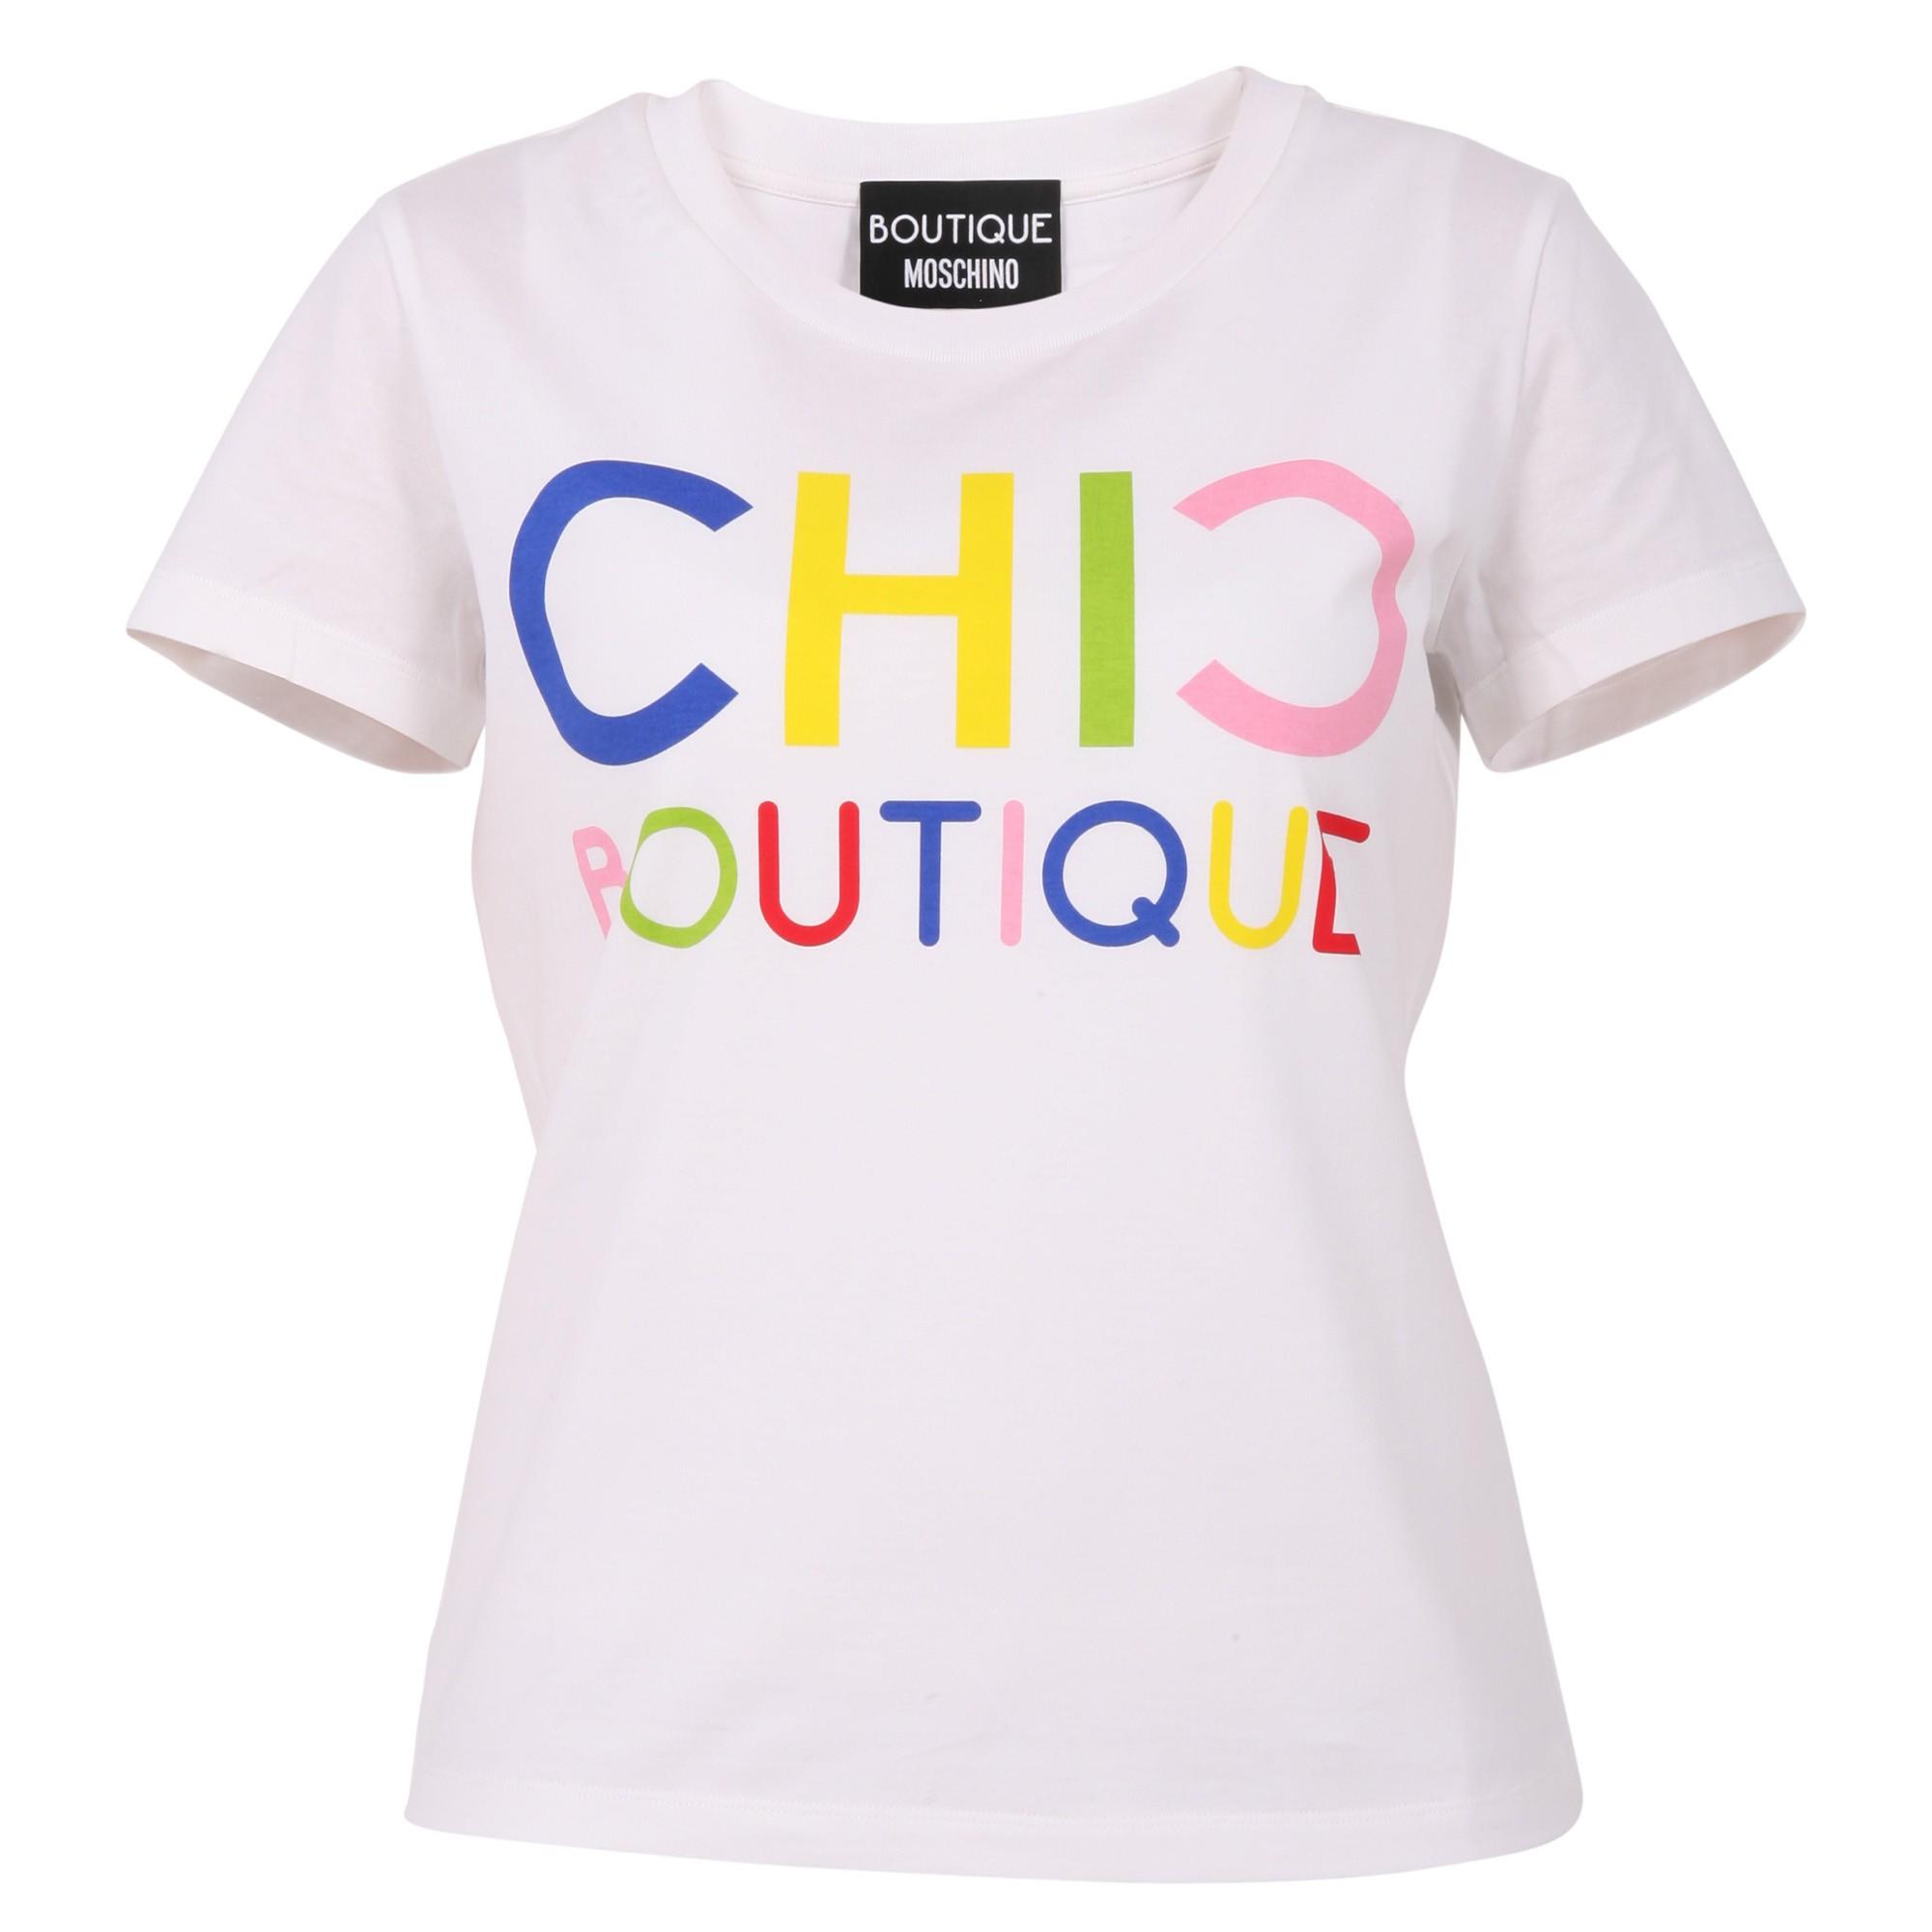 Boutique moschino tshirt ha1201